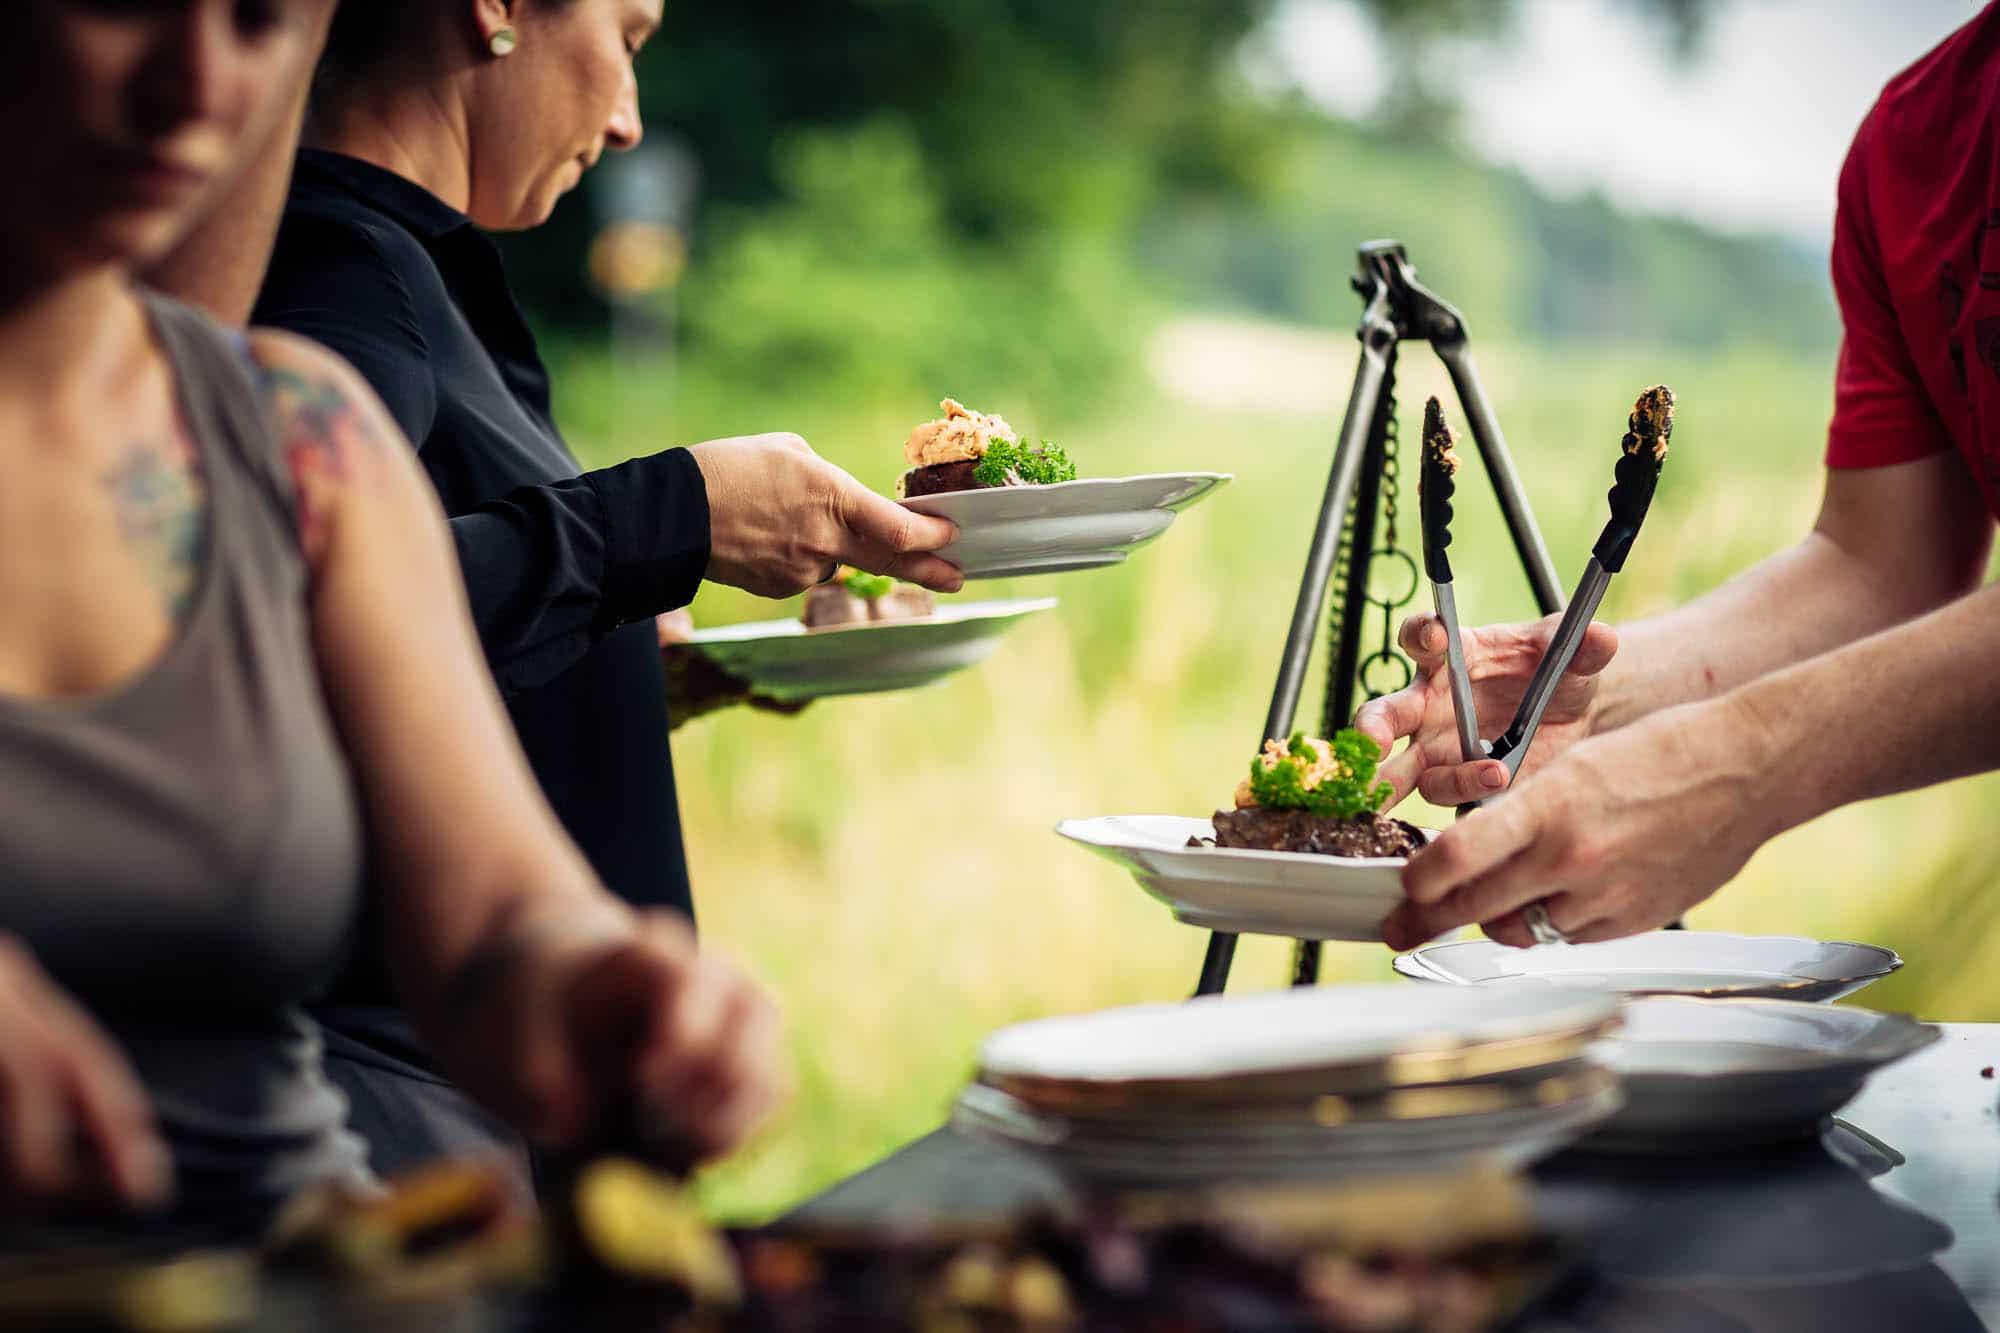 Rindsfilet mit Kräuterbutter und Gemüse wird angerichtet